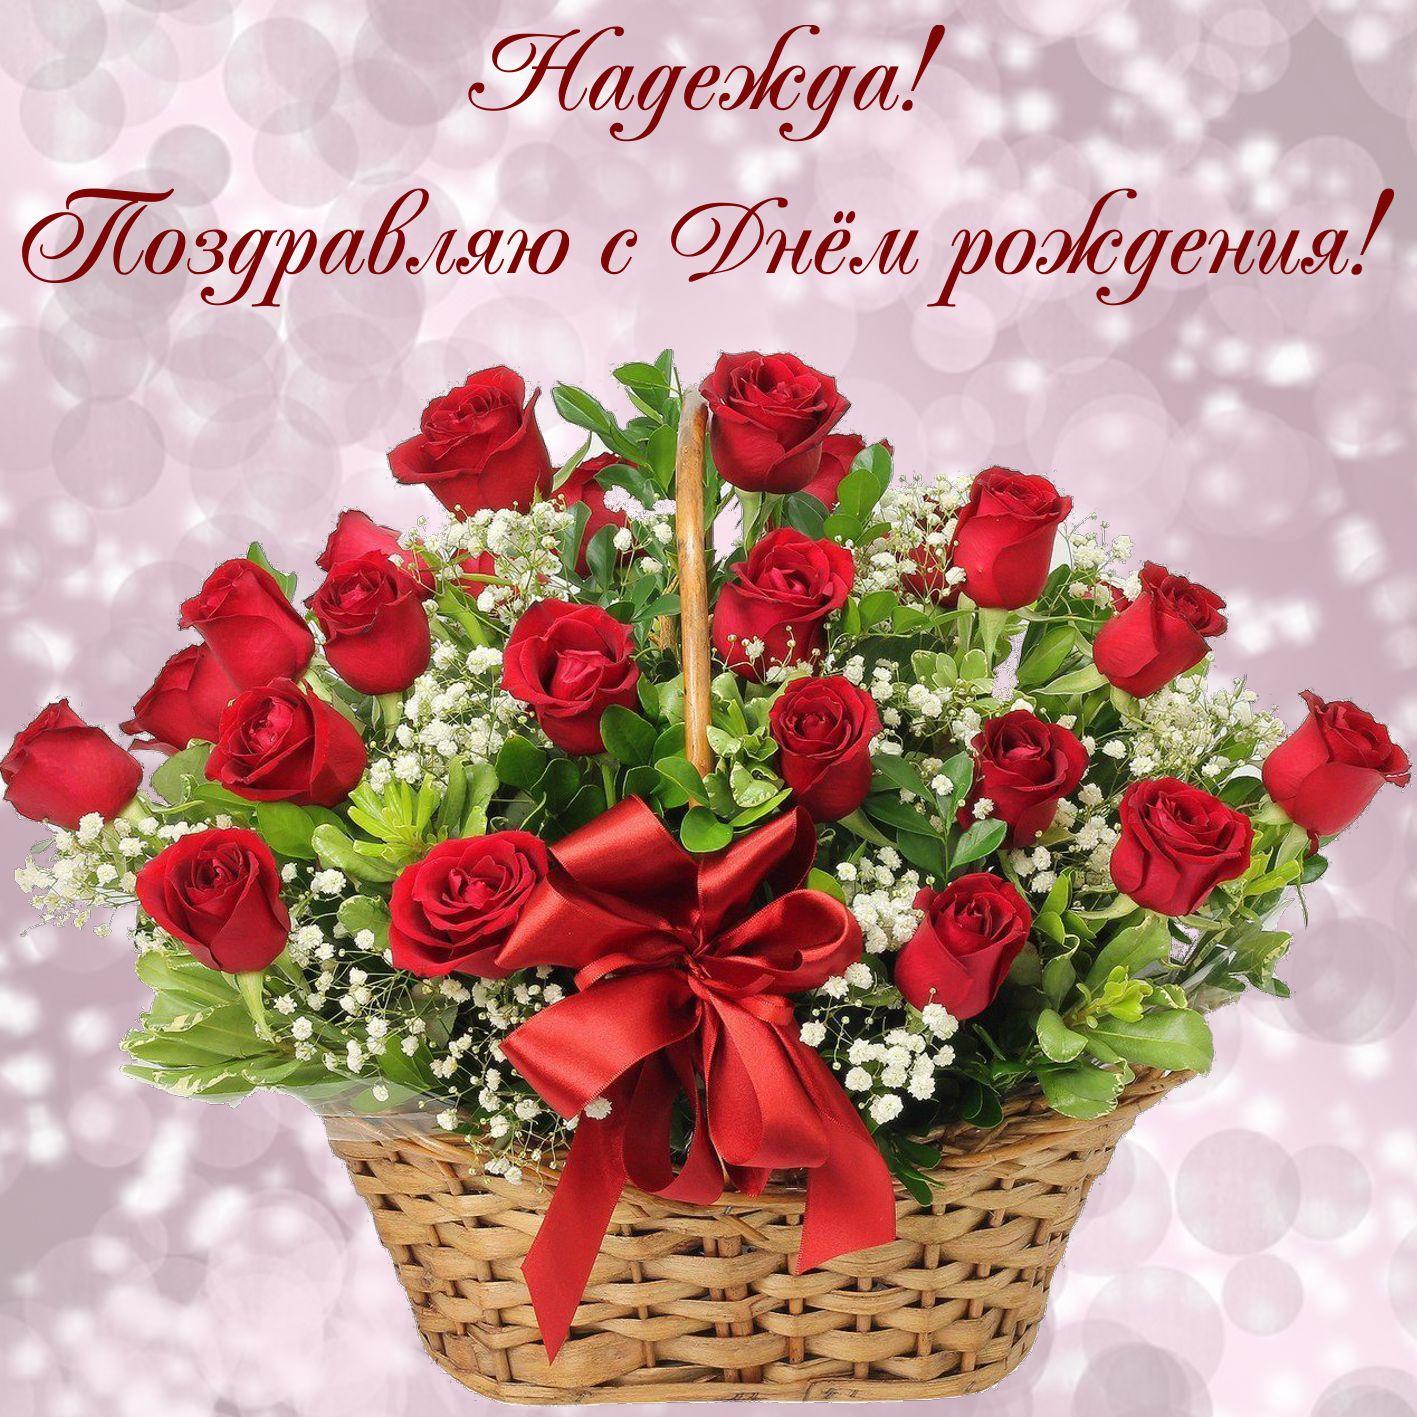 Открытка на День рождения - красные розы в корзинке для Надежды